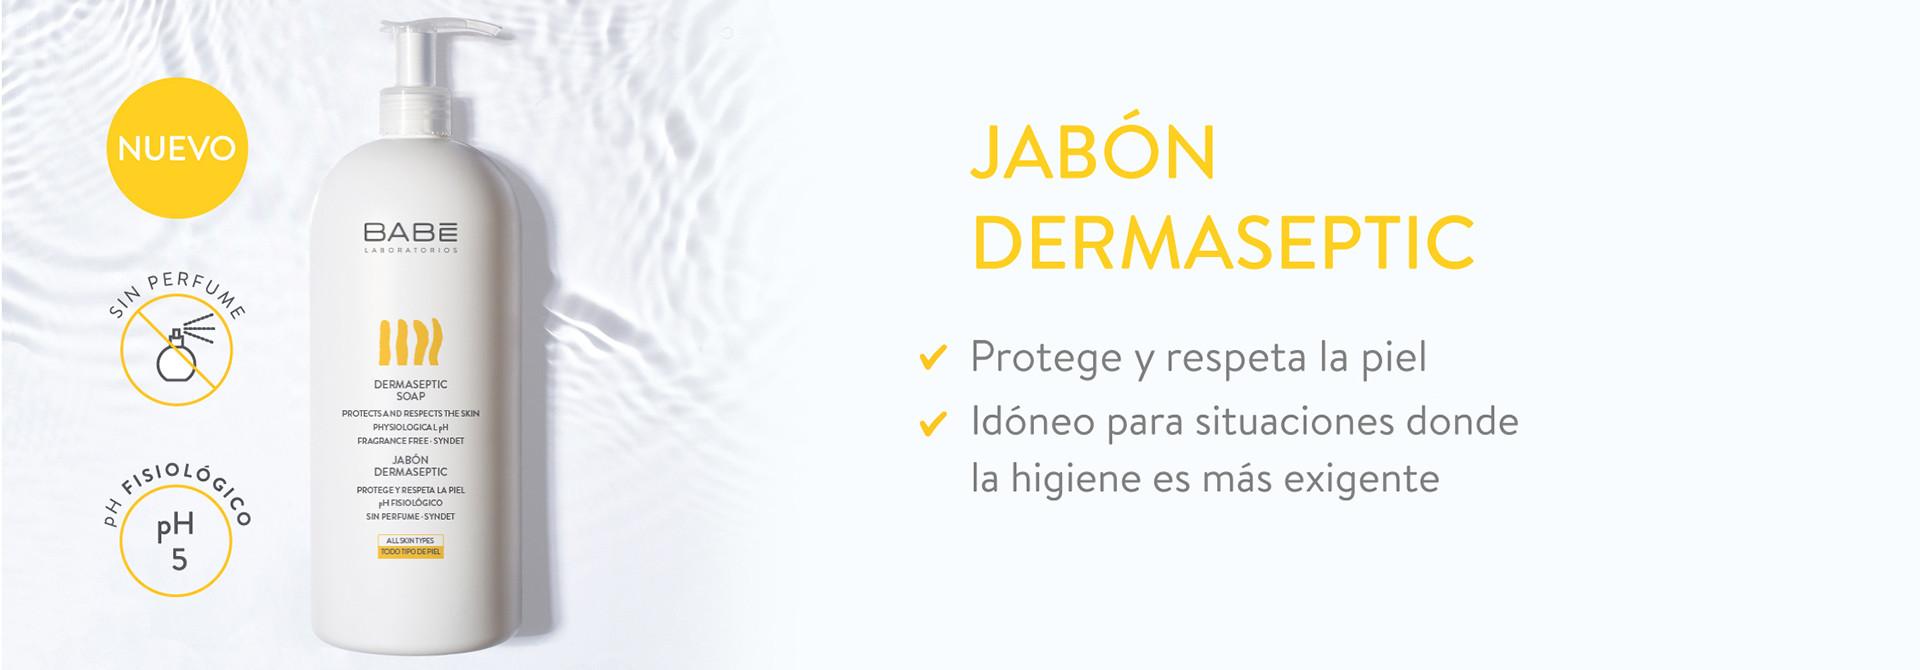 Jabón Dermaseptic